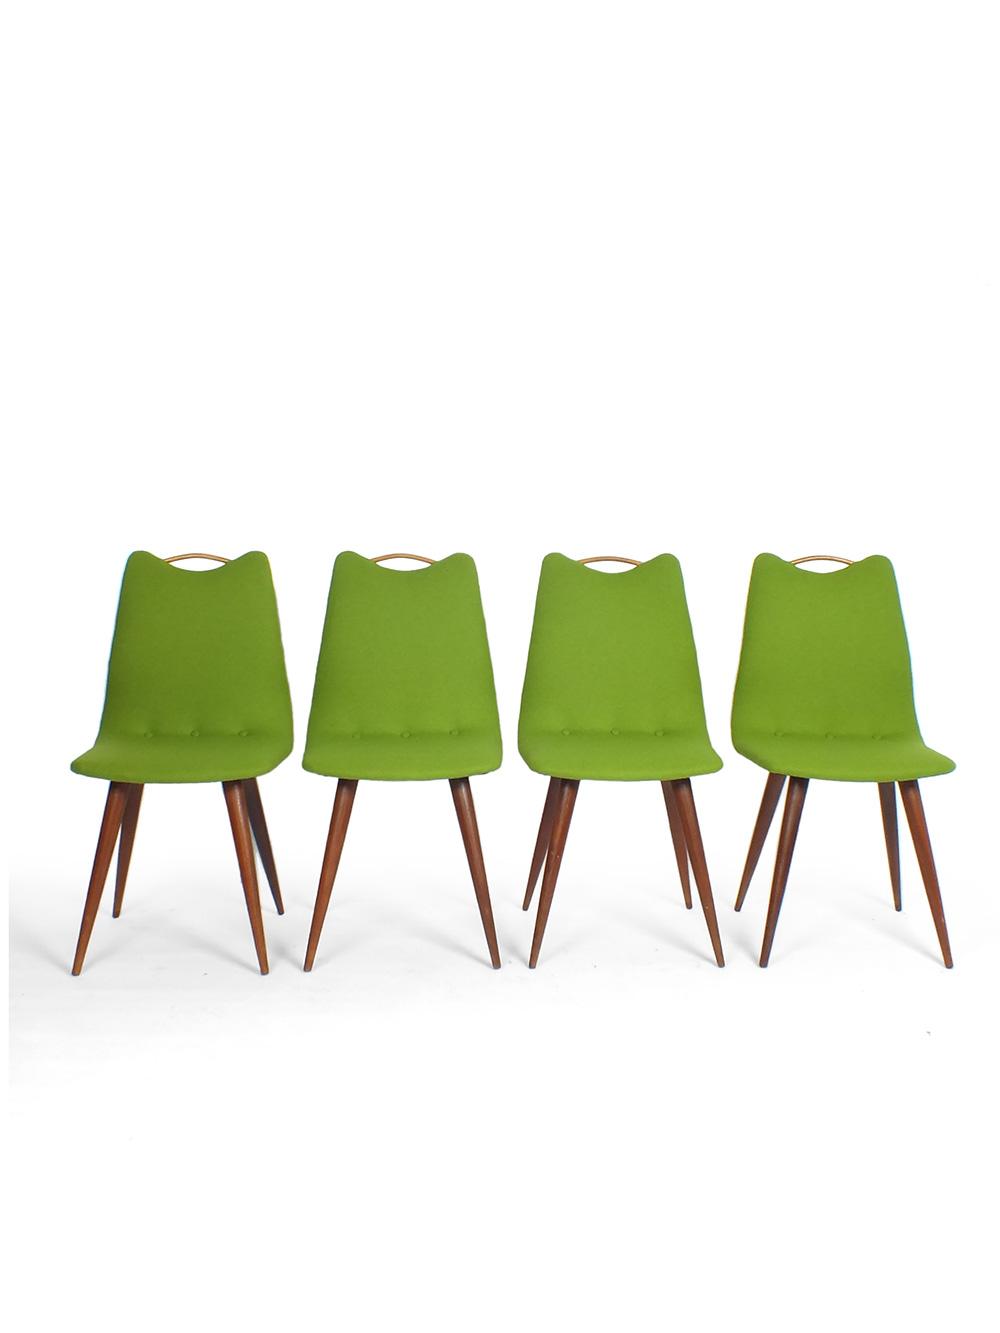 Eetkamerstoelen Set 4.50s Green Dining Chairs